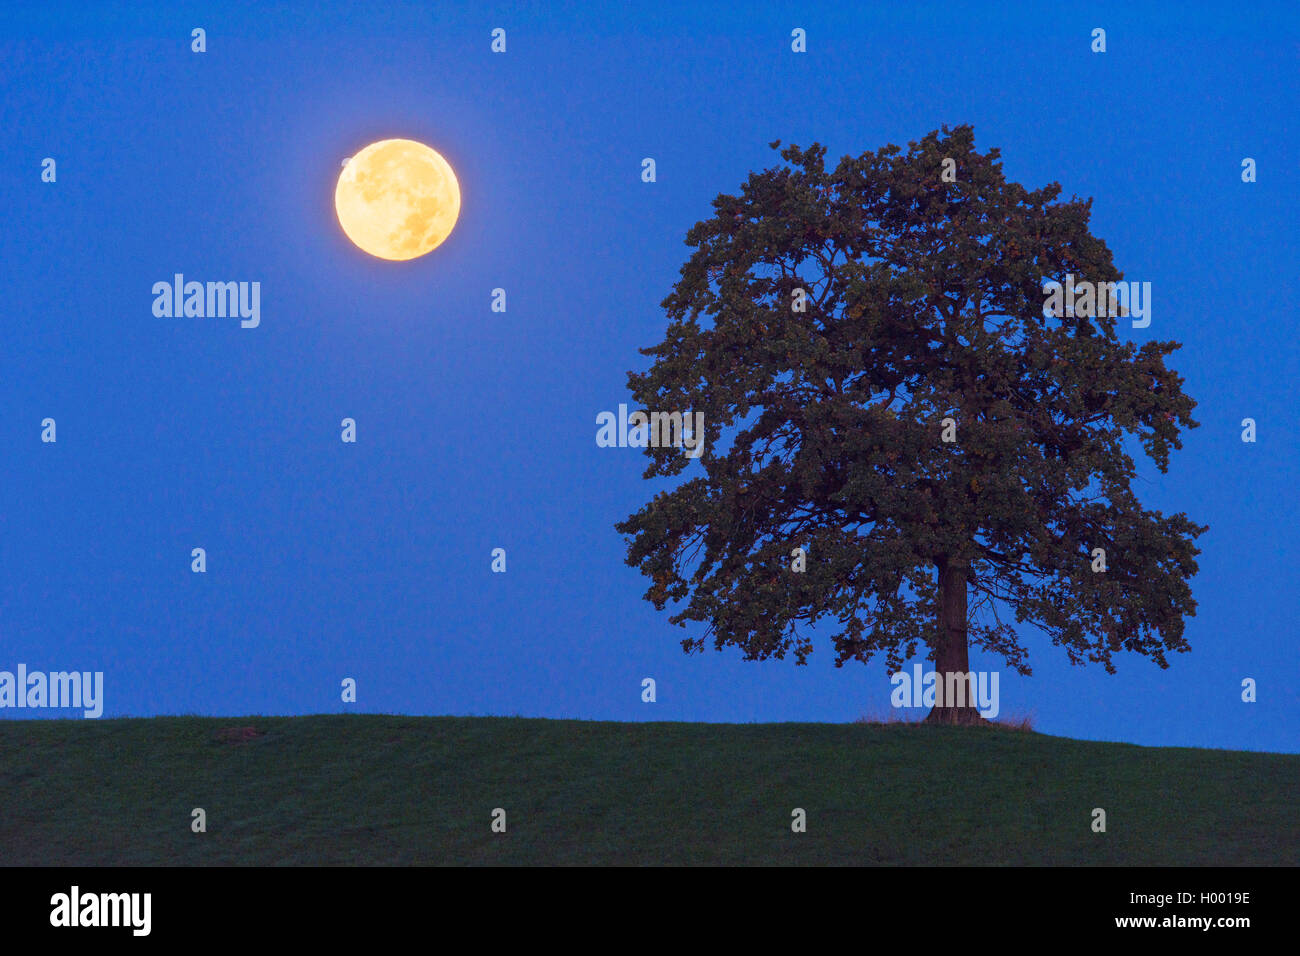 Vollmond im Halbschatten der Erde neben einem Baum, Deutschland, Bayern | single tree and full moon at night, Germany, Stock Photo